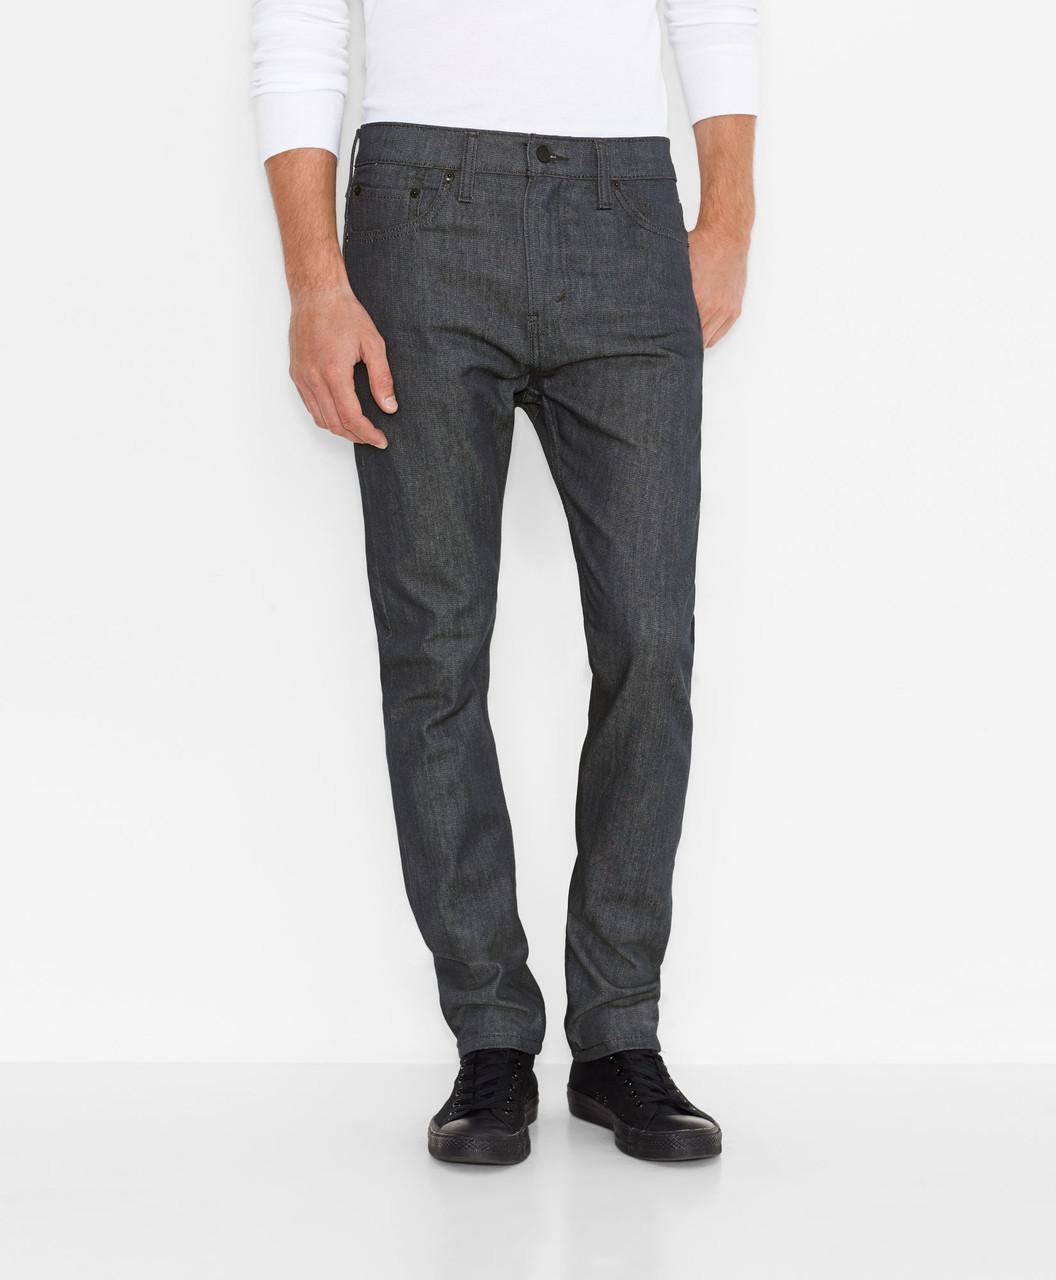 Модные штаны Левис